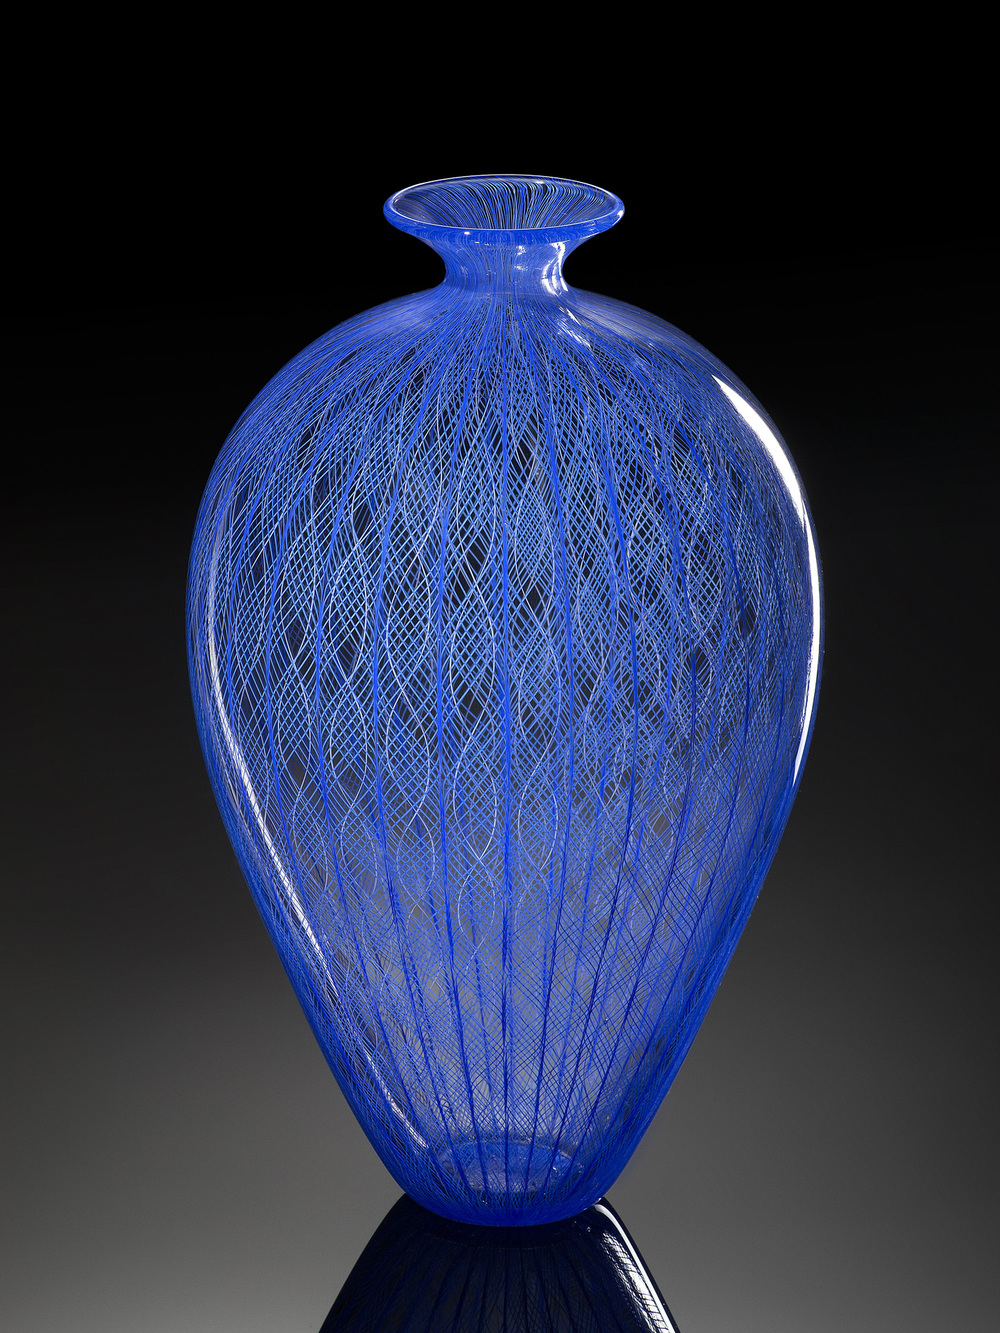 Dave_Strock_Glass_Zanfirico_Vase.jpg